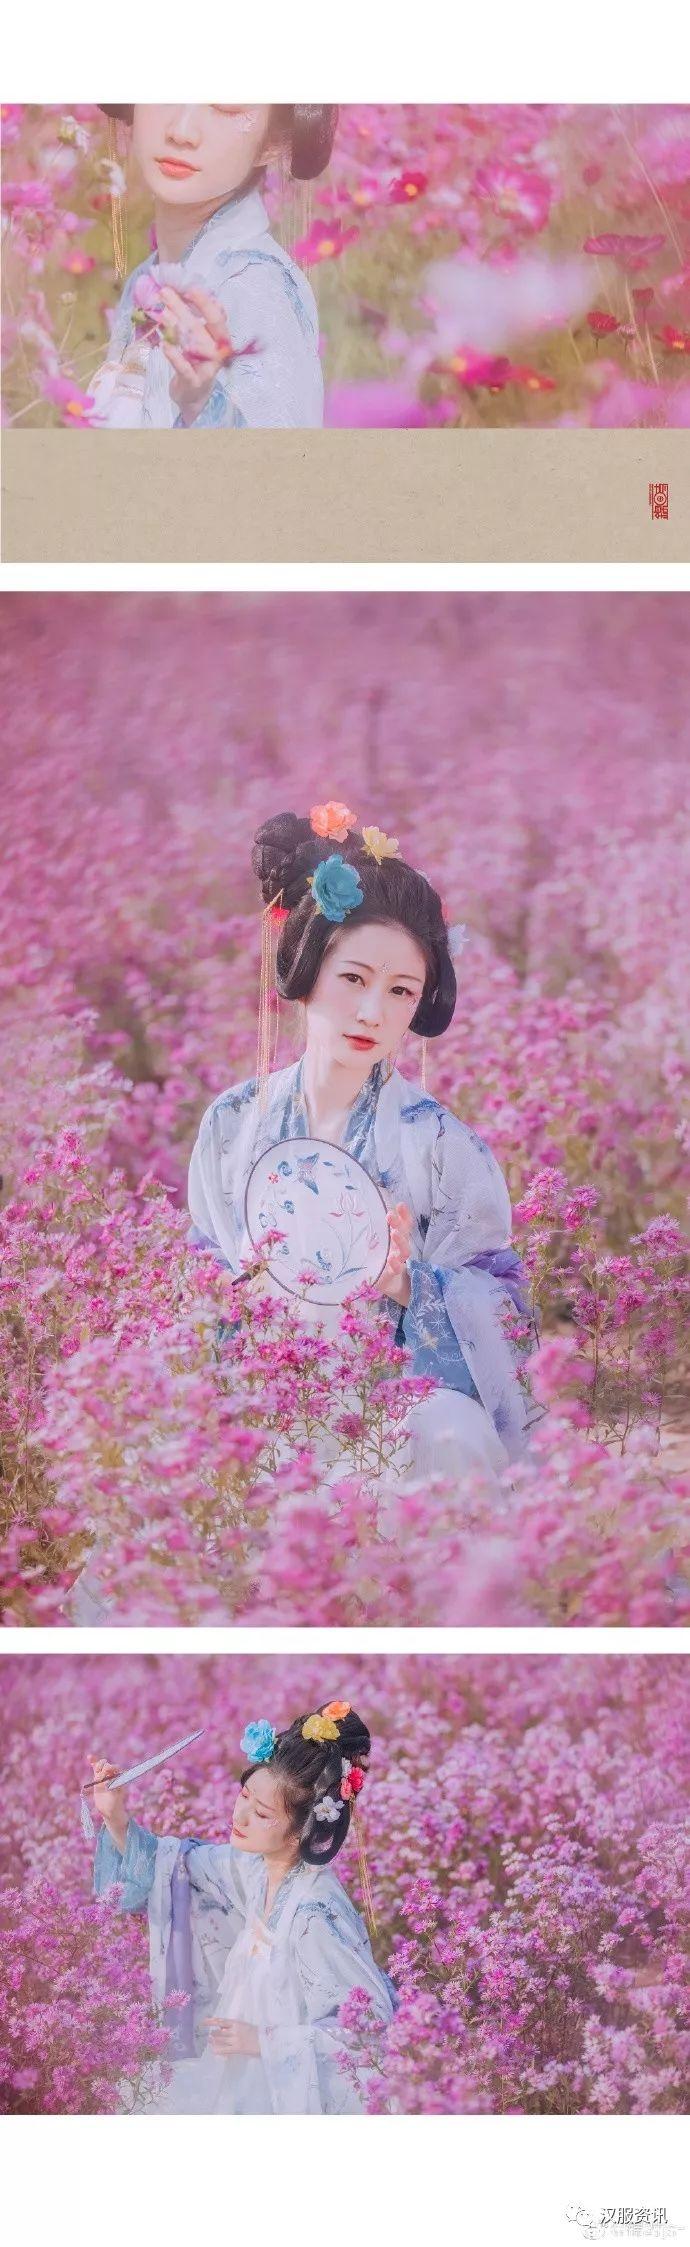 【汉服私影】山中风雅 · 花间二三事